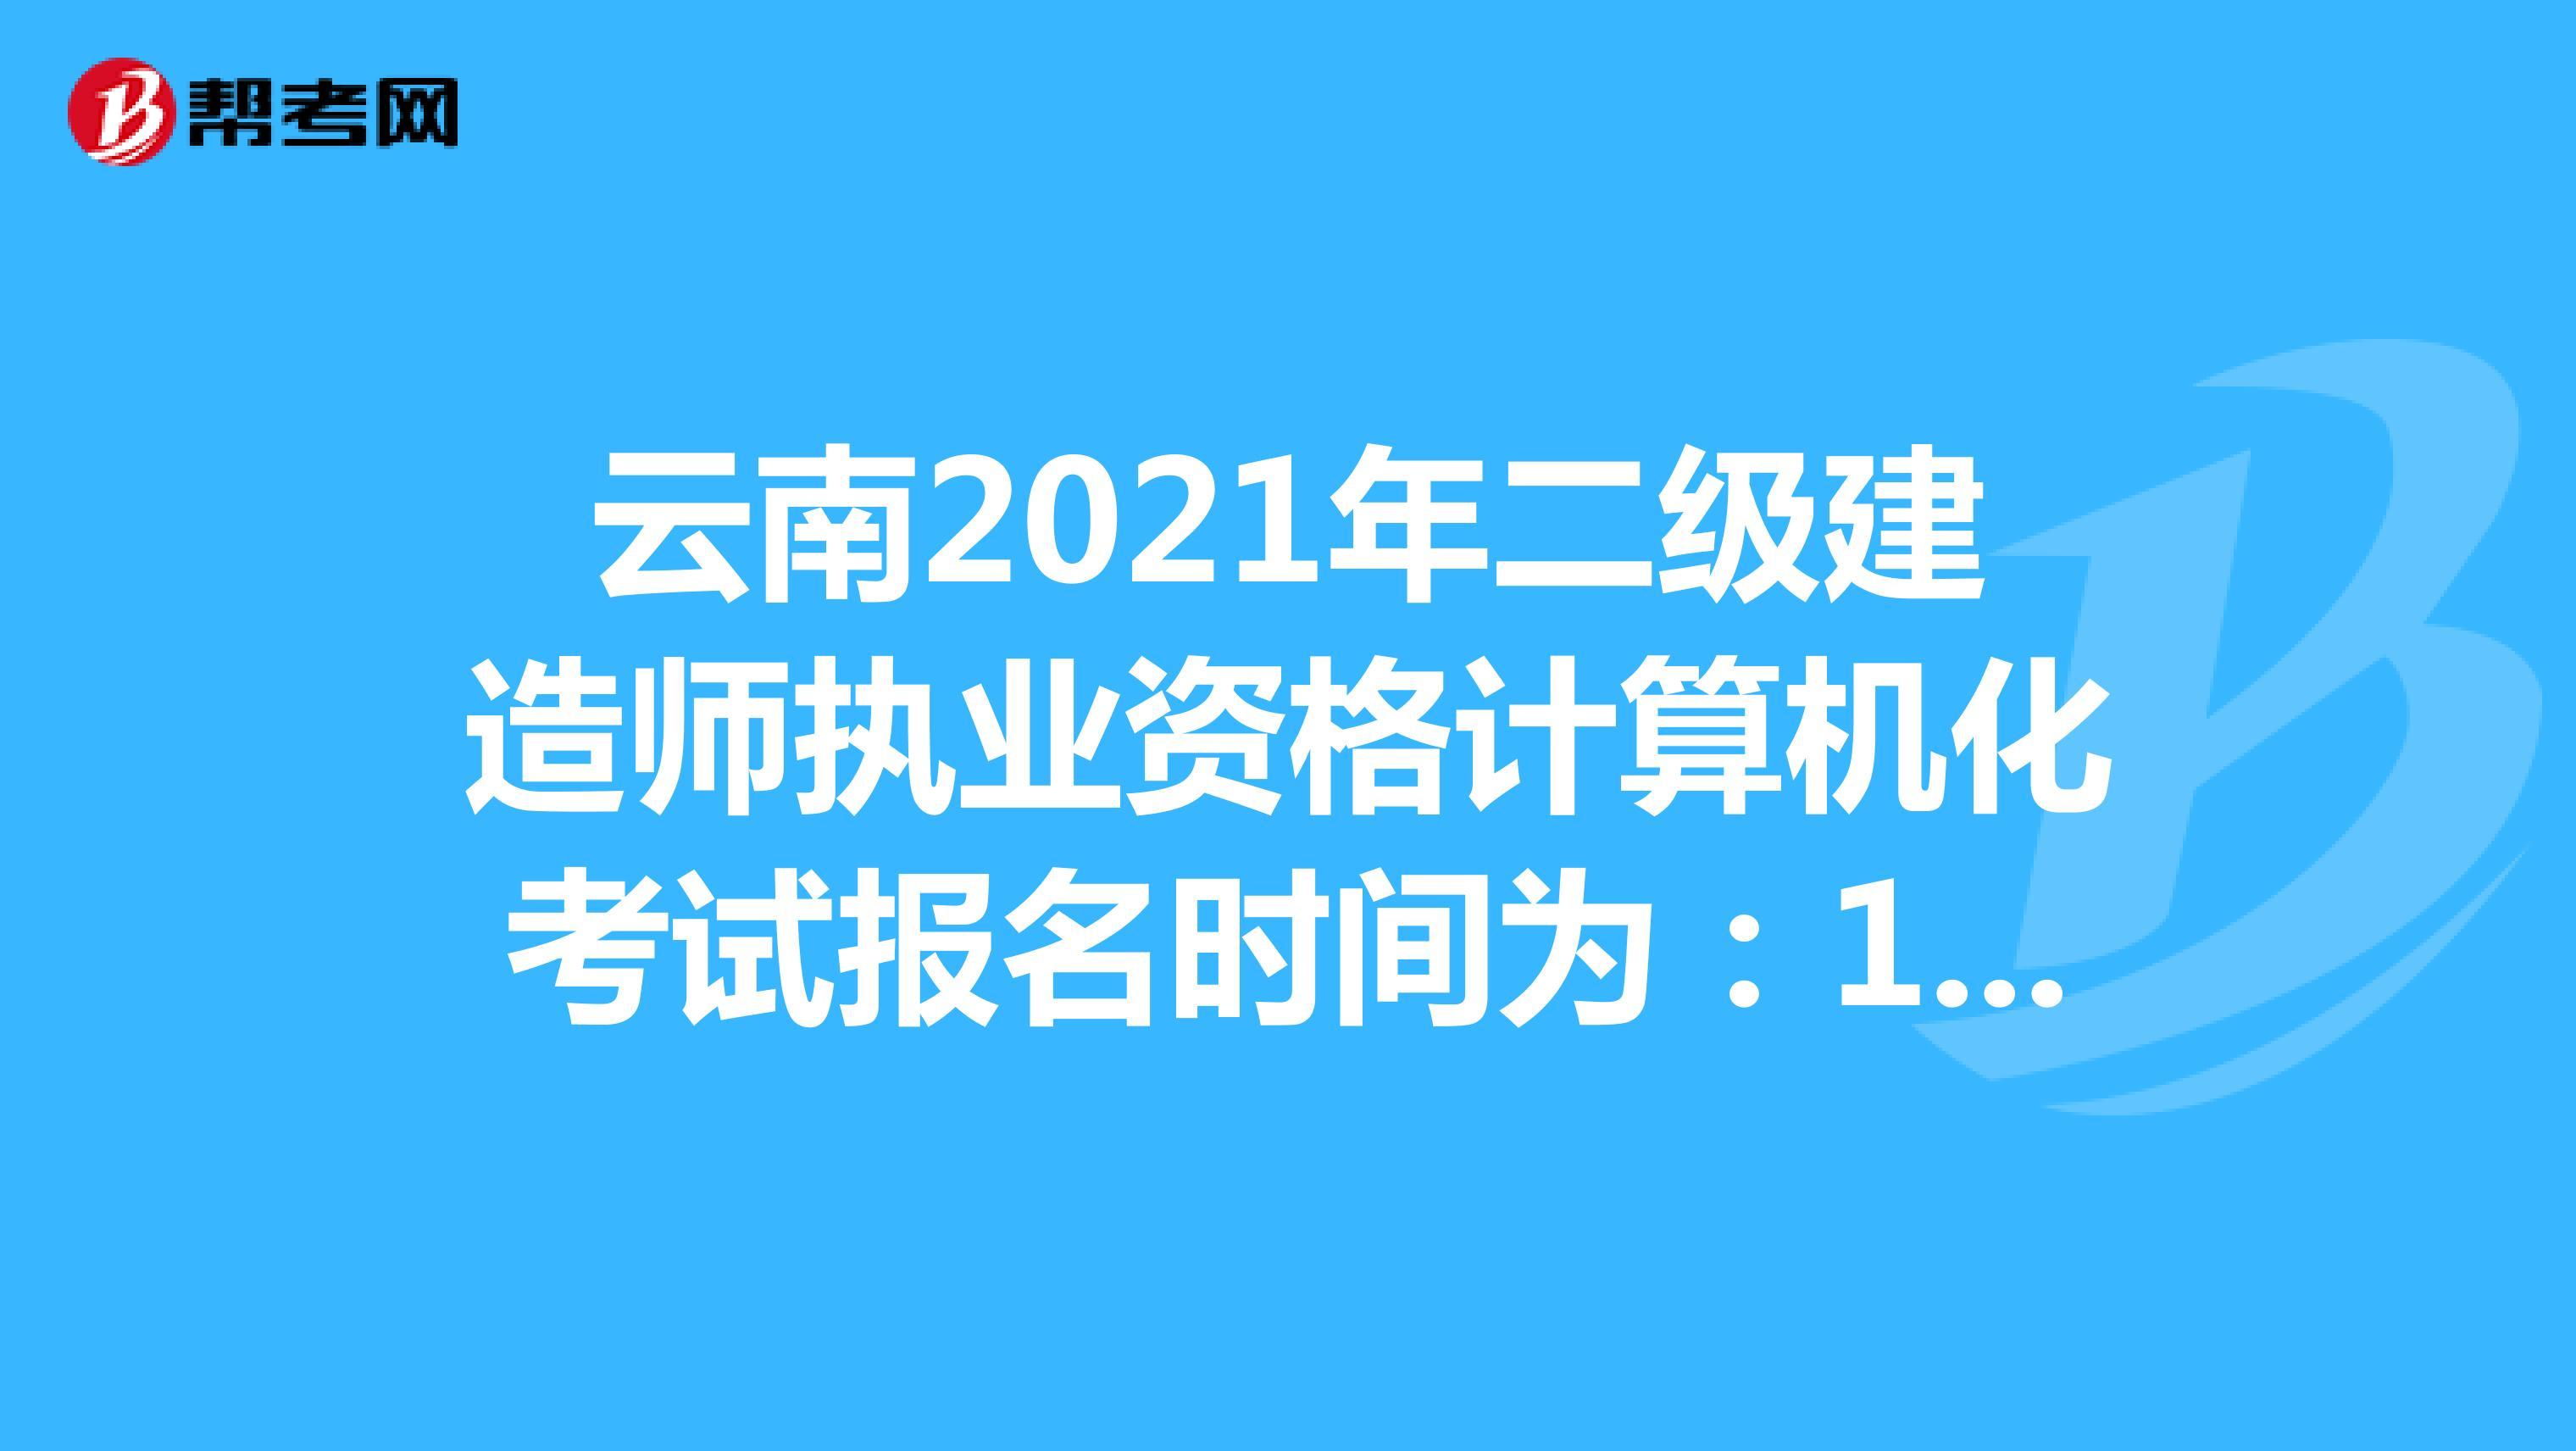 云南2021年二级建造师执业资格计算机化考试报名时间为:10月8日00:00-10月18日24:00